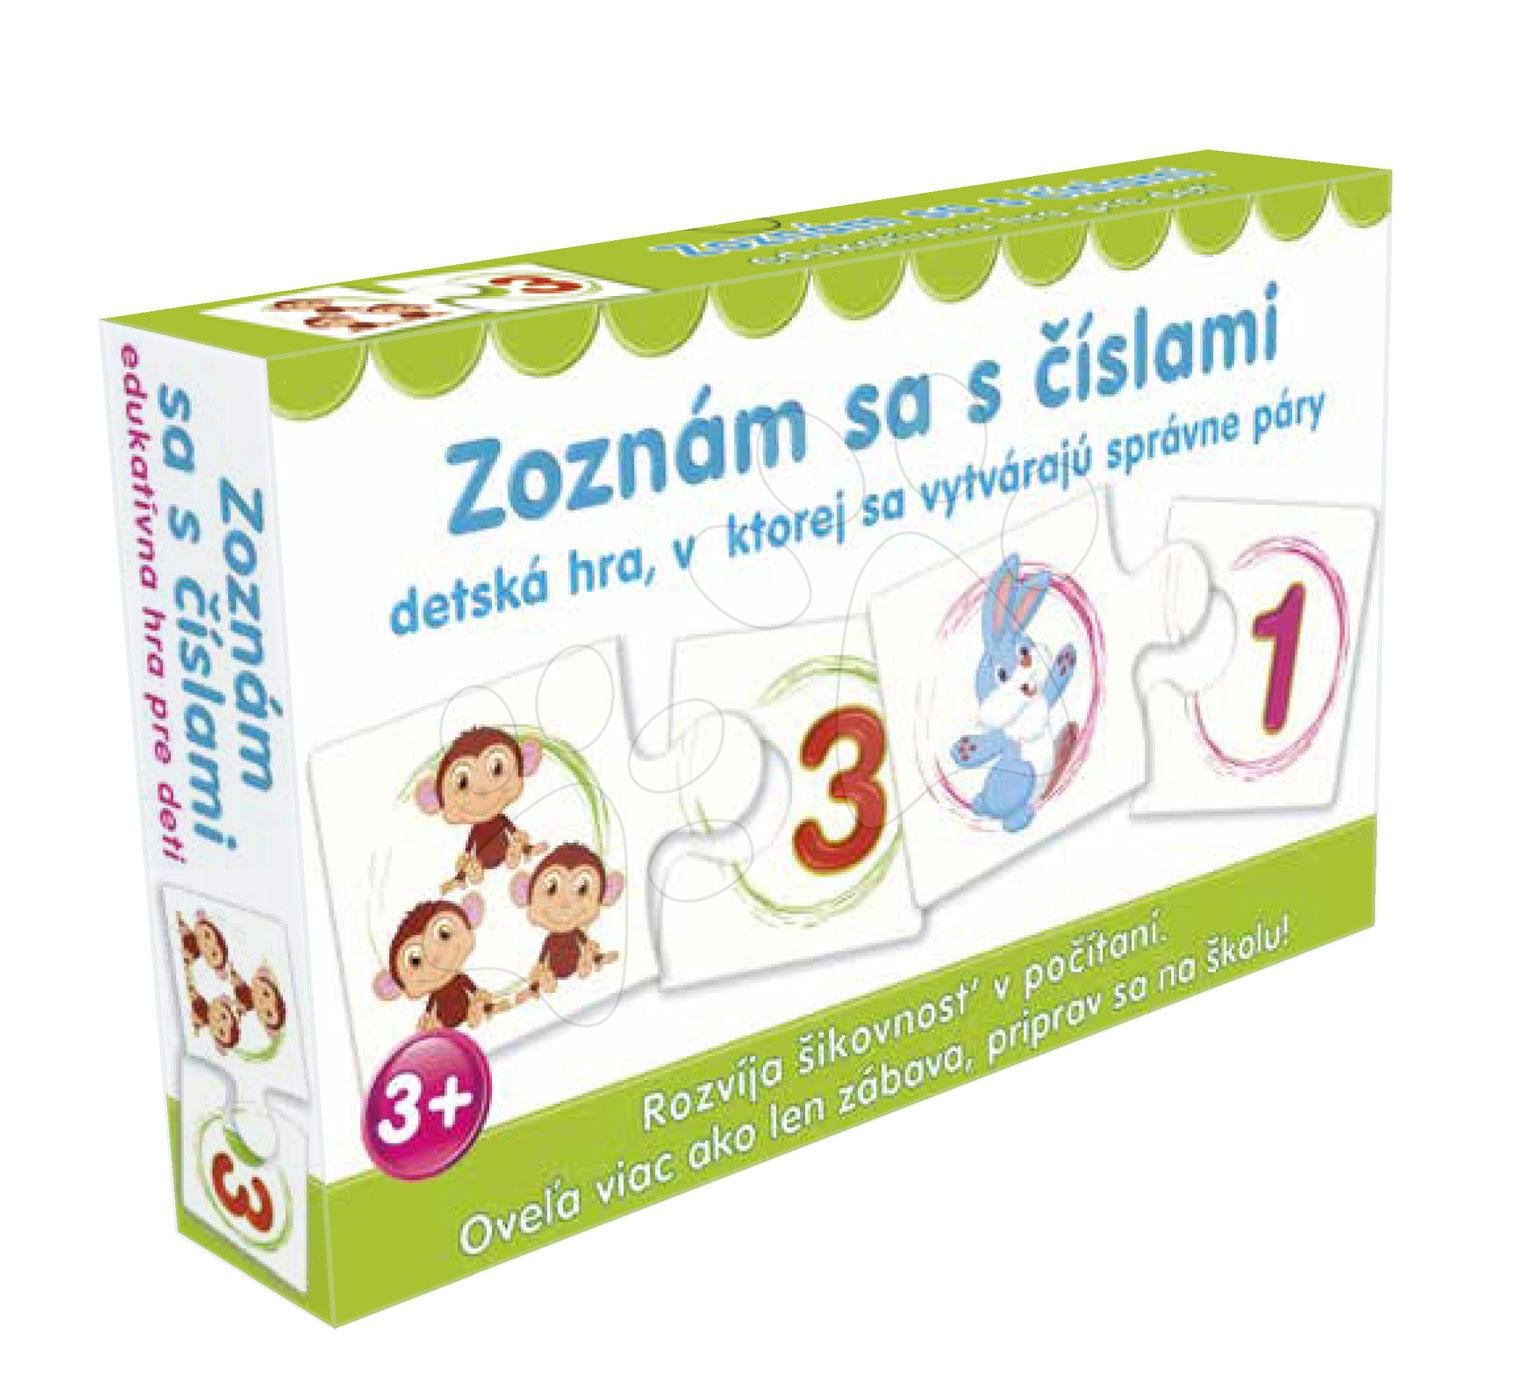 Dohány spoločenská hra pre deti Zoznám sa s číslami 645-09